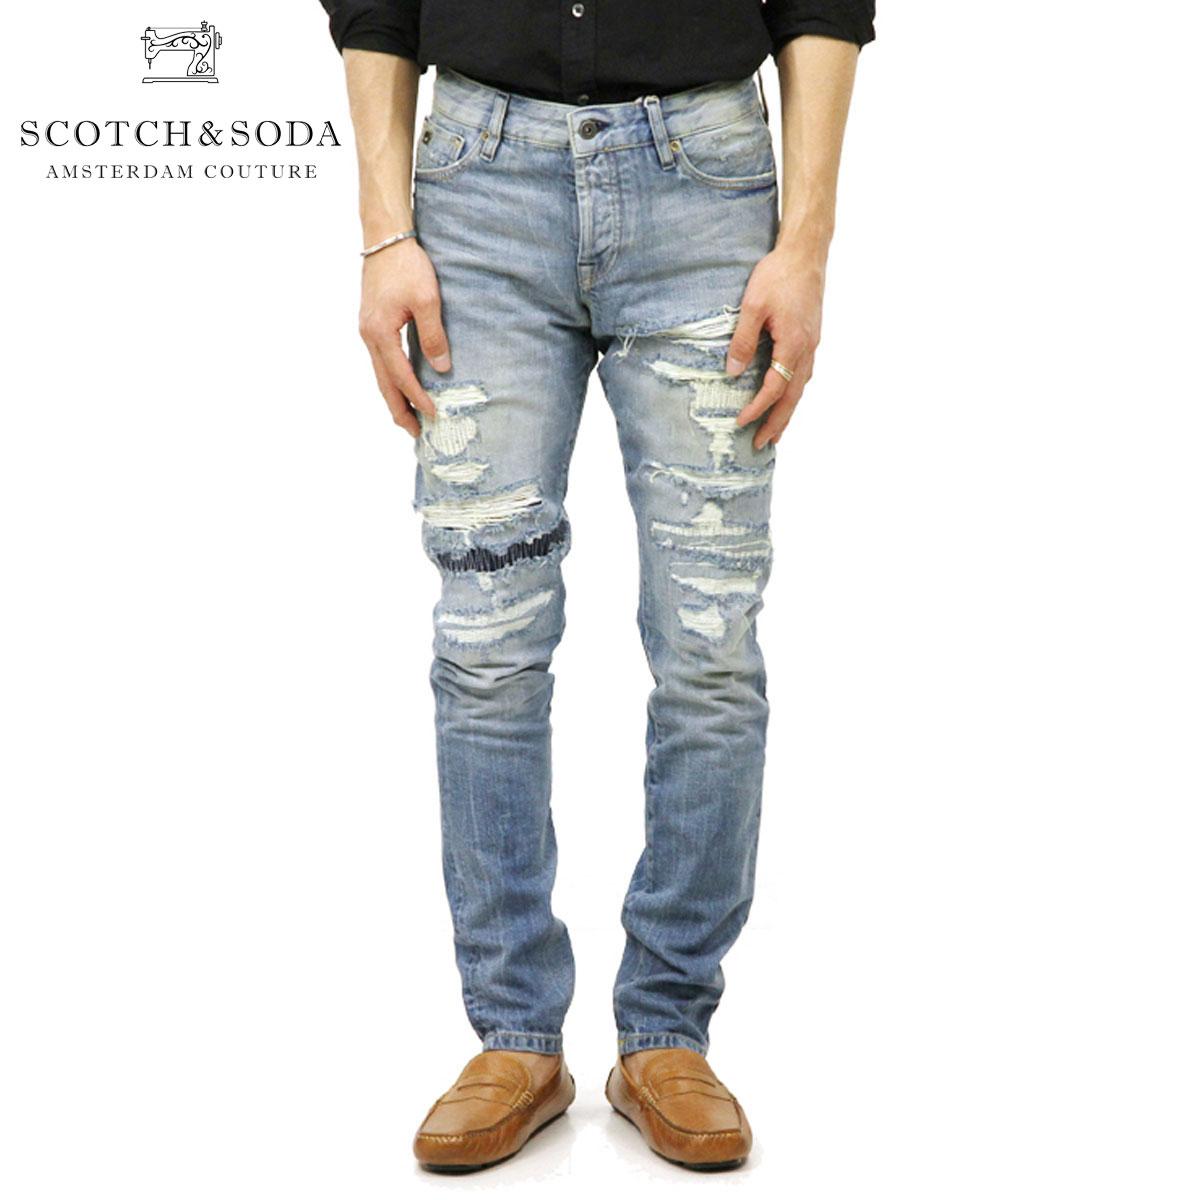 スコッチアンドソーダ SCOTCH&SODA 正規販売店 メンズ ジーンズ RALSTON JEANS - HERO 1 REGULAR SLIM FIT 135075 1E HERO ON